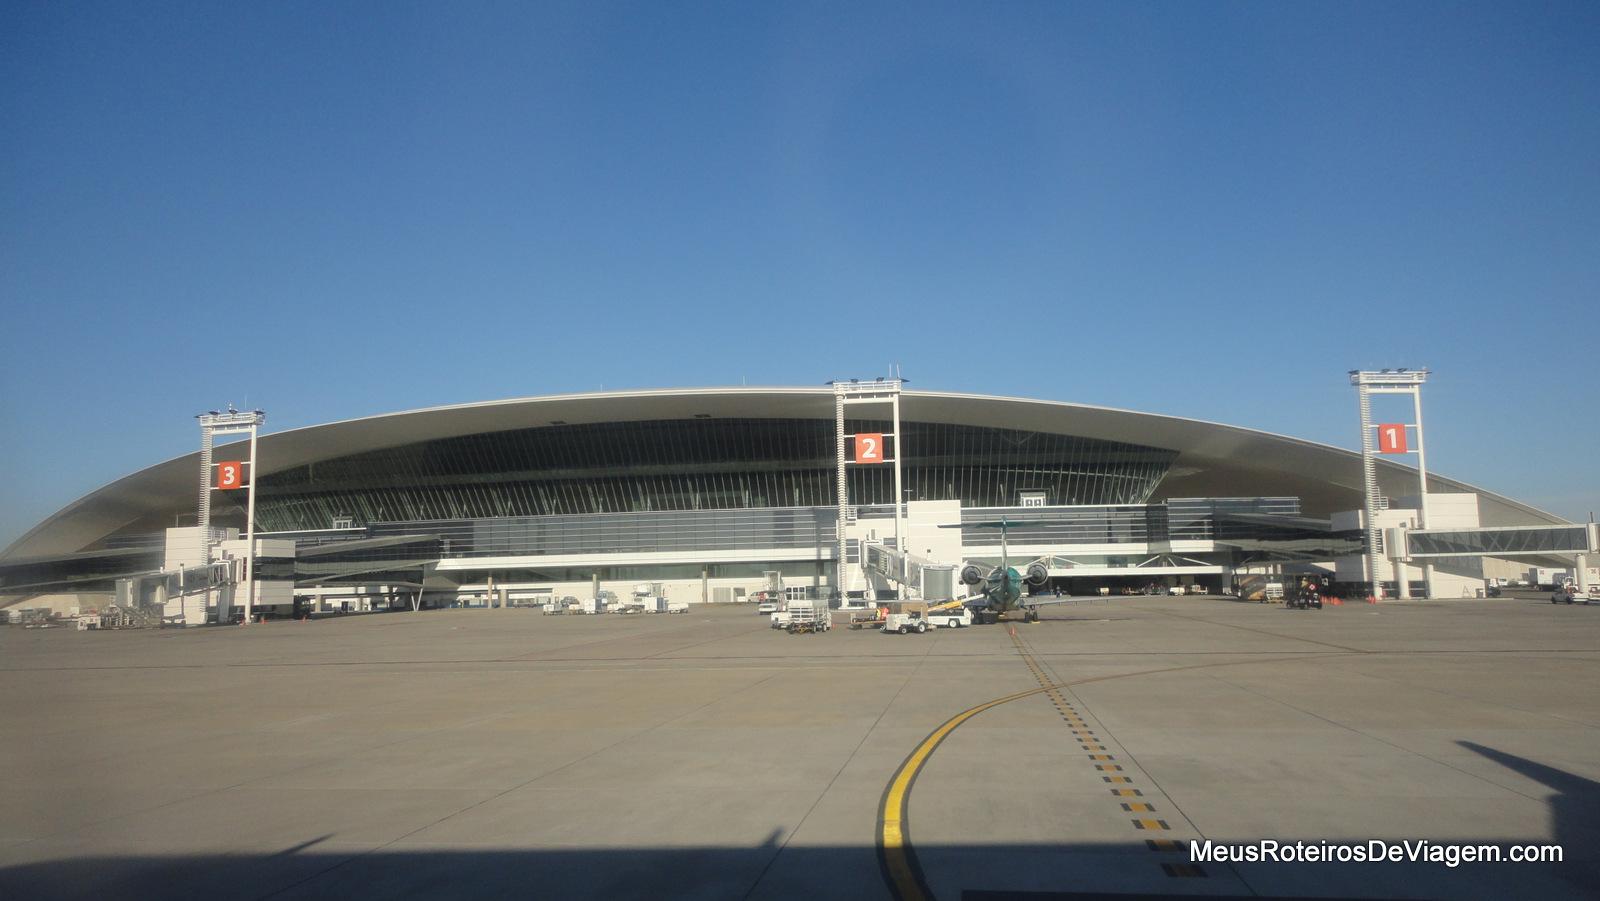 Aeroporto Do : Conheça o melhor aeroporto do mundo que tem cinema jardins e até